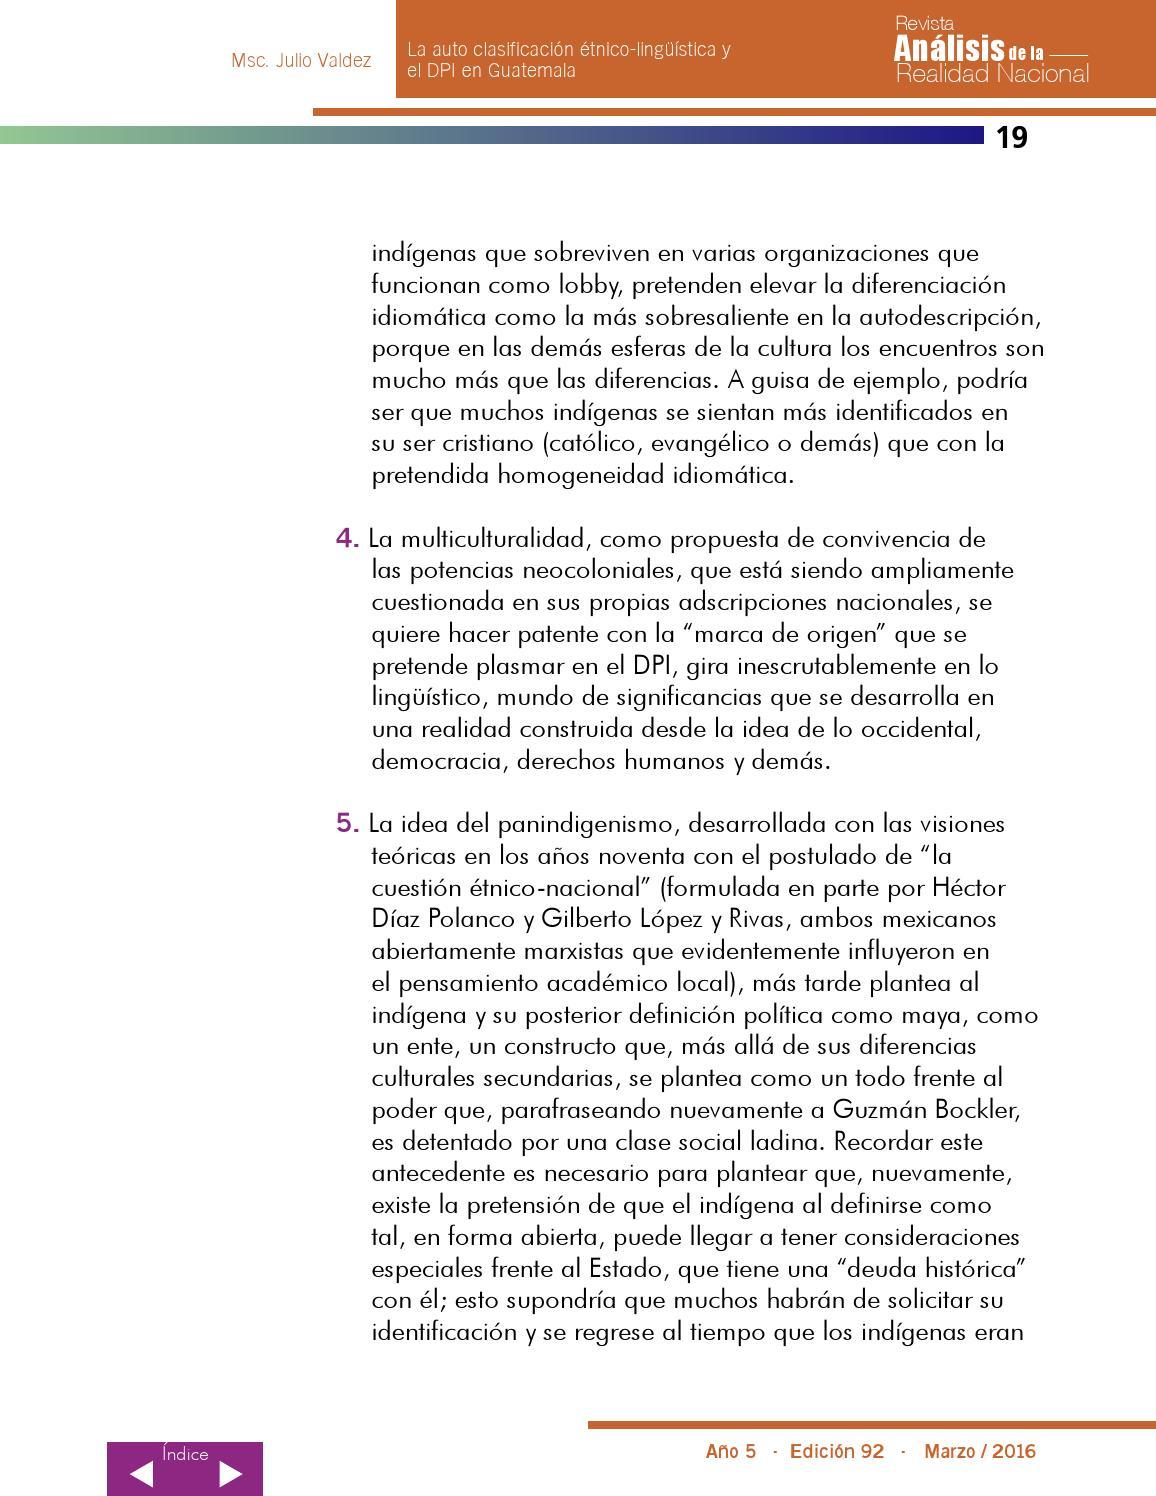 Edicion No 92 Revista Analisis De La Realidad Nacional By